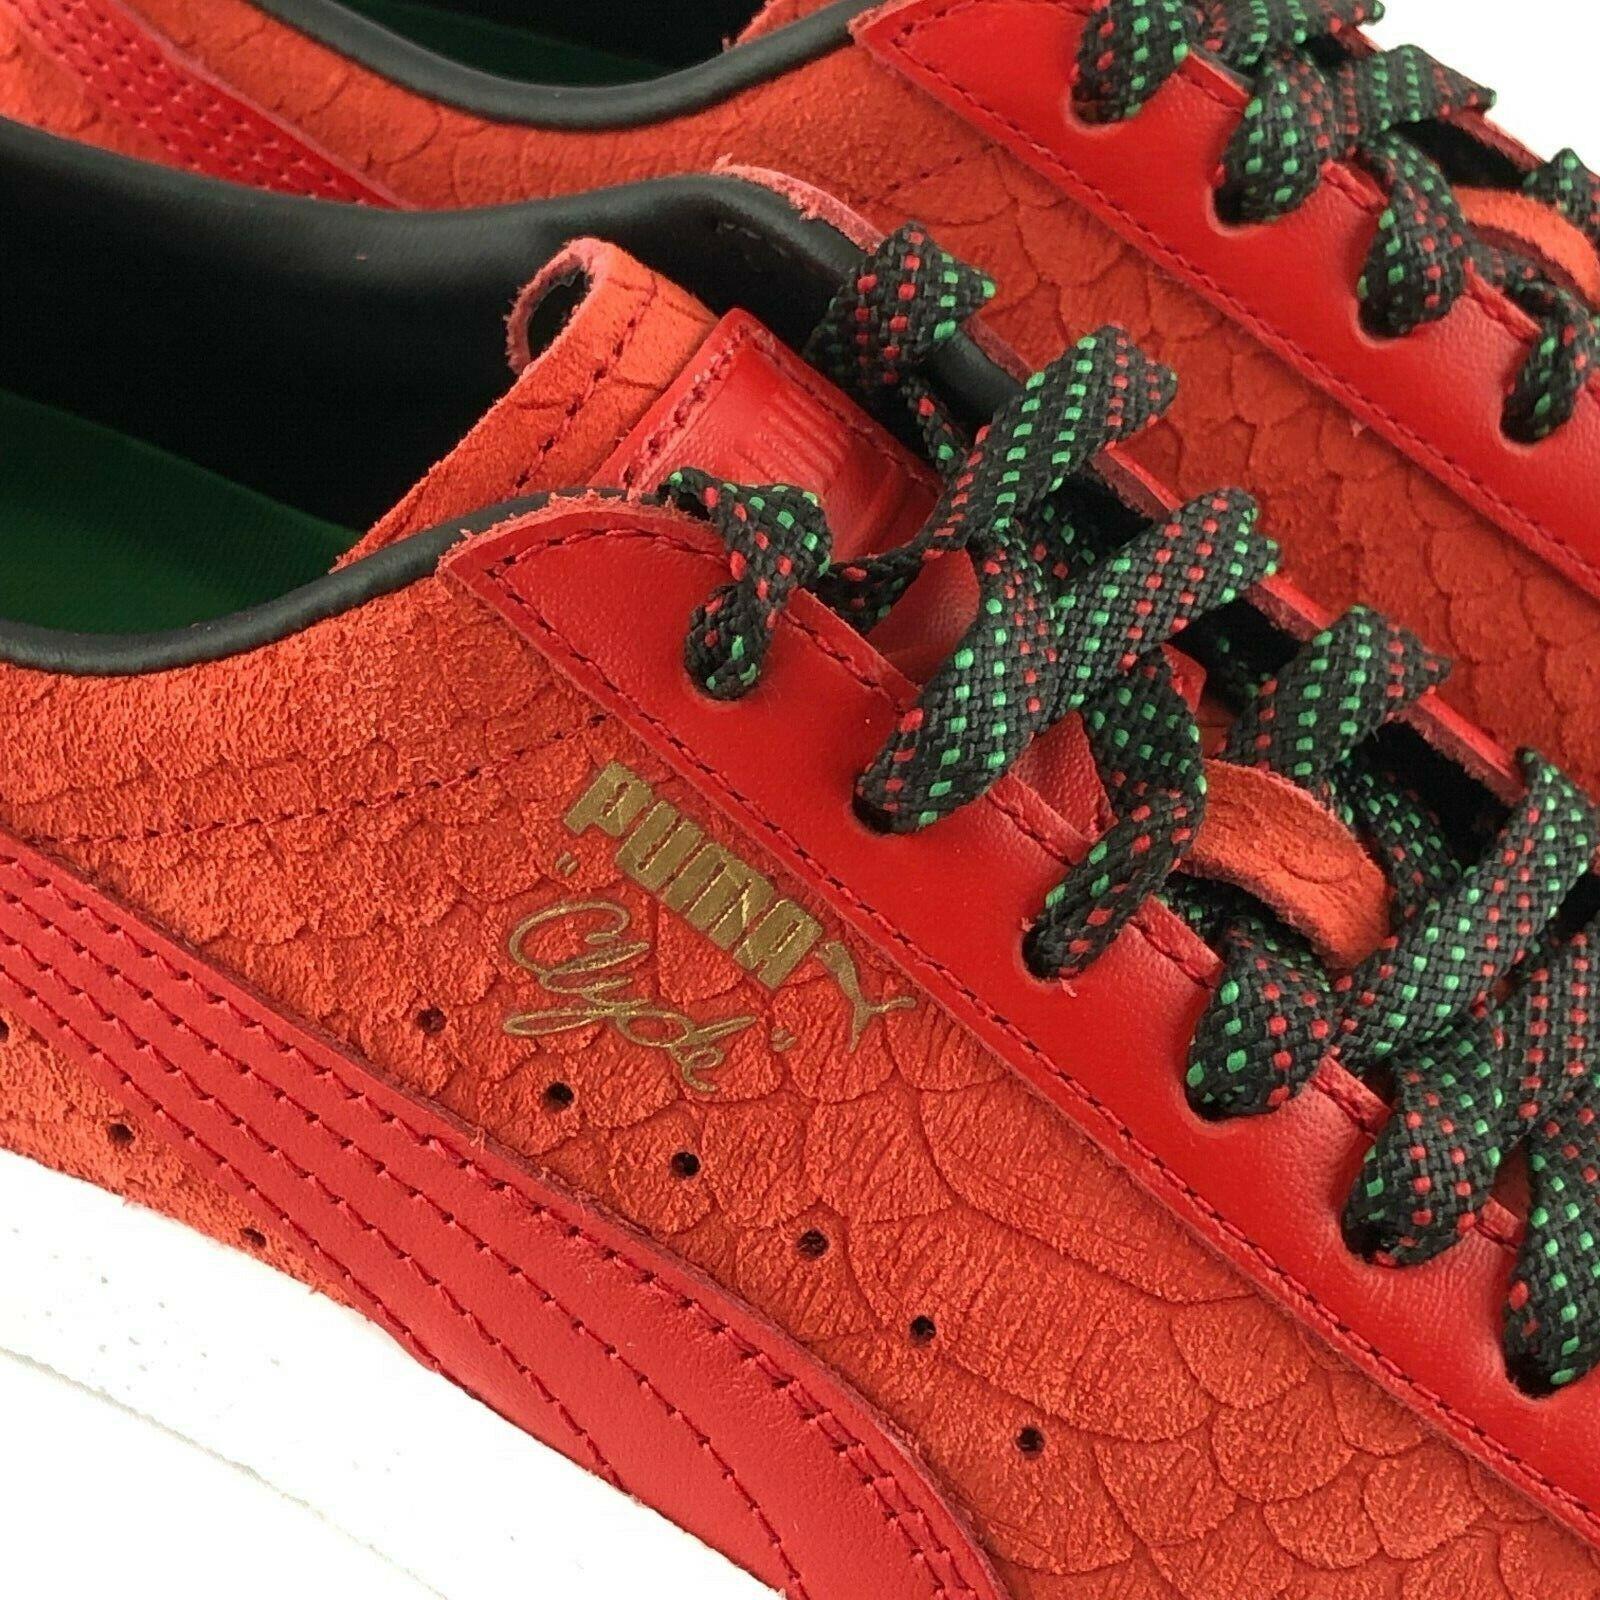 Puma Clyde rosso Suede Rasta donna scarpe Dimensione 8.5 8.5 8.5 Low Top Leather scarpe da ginnastica New 5294cd